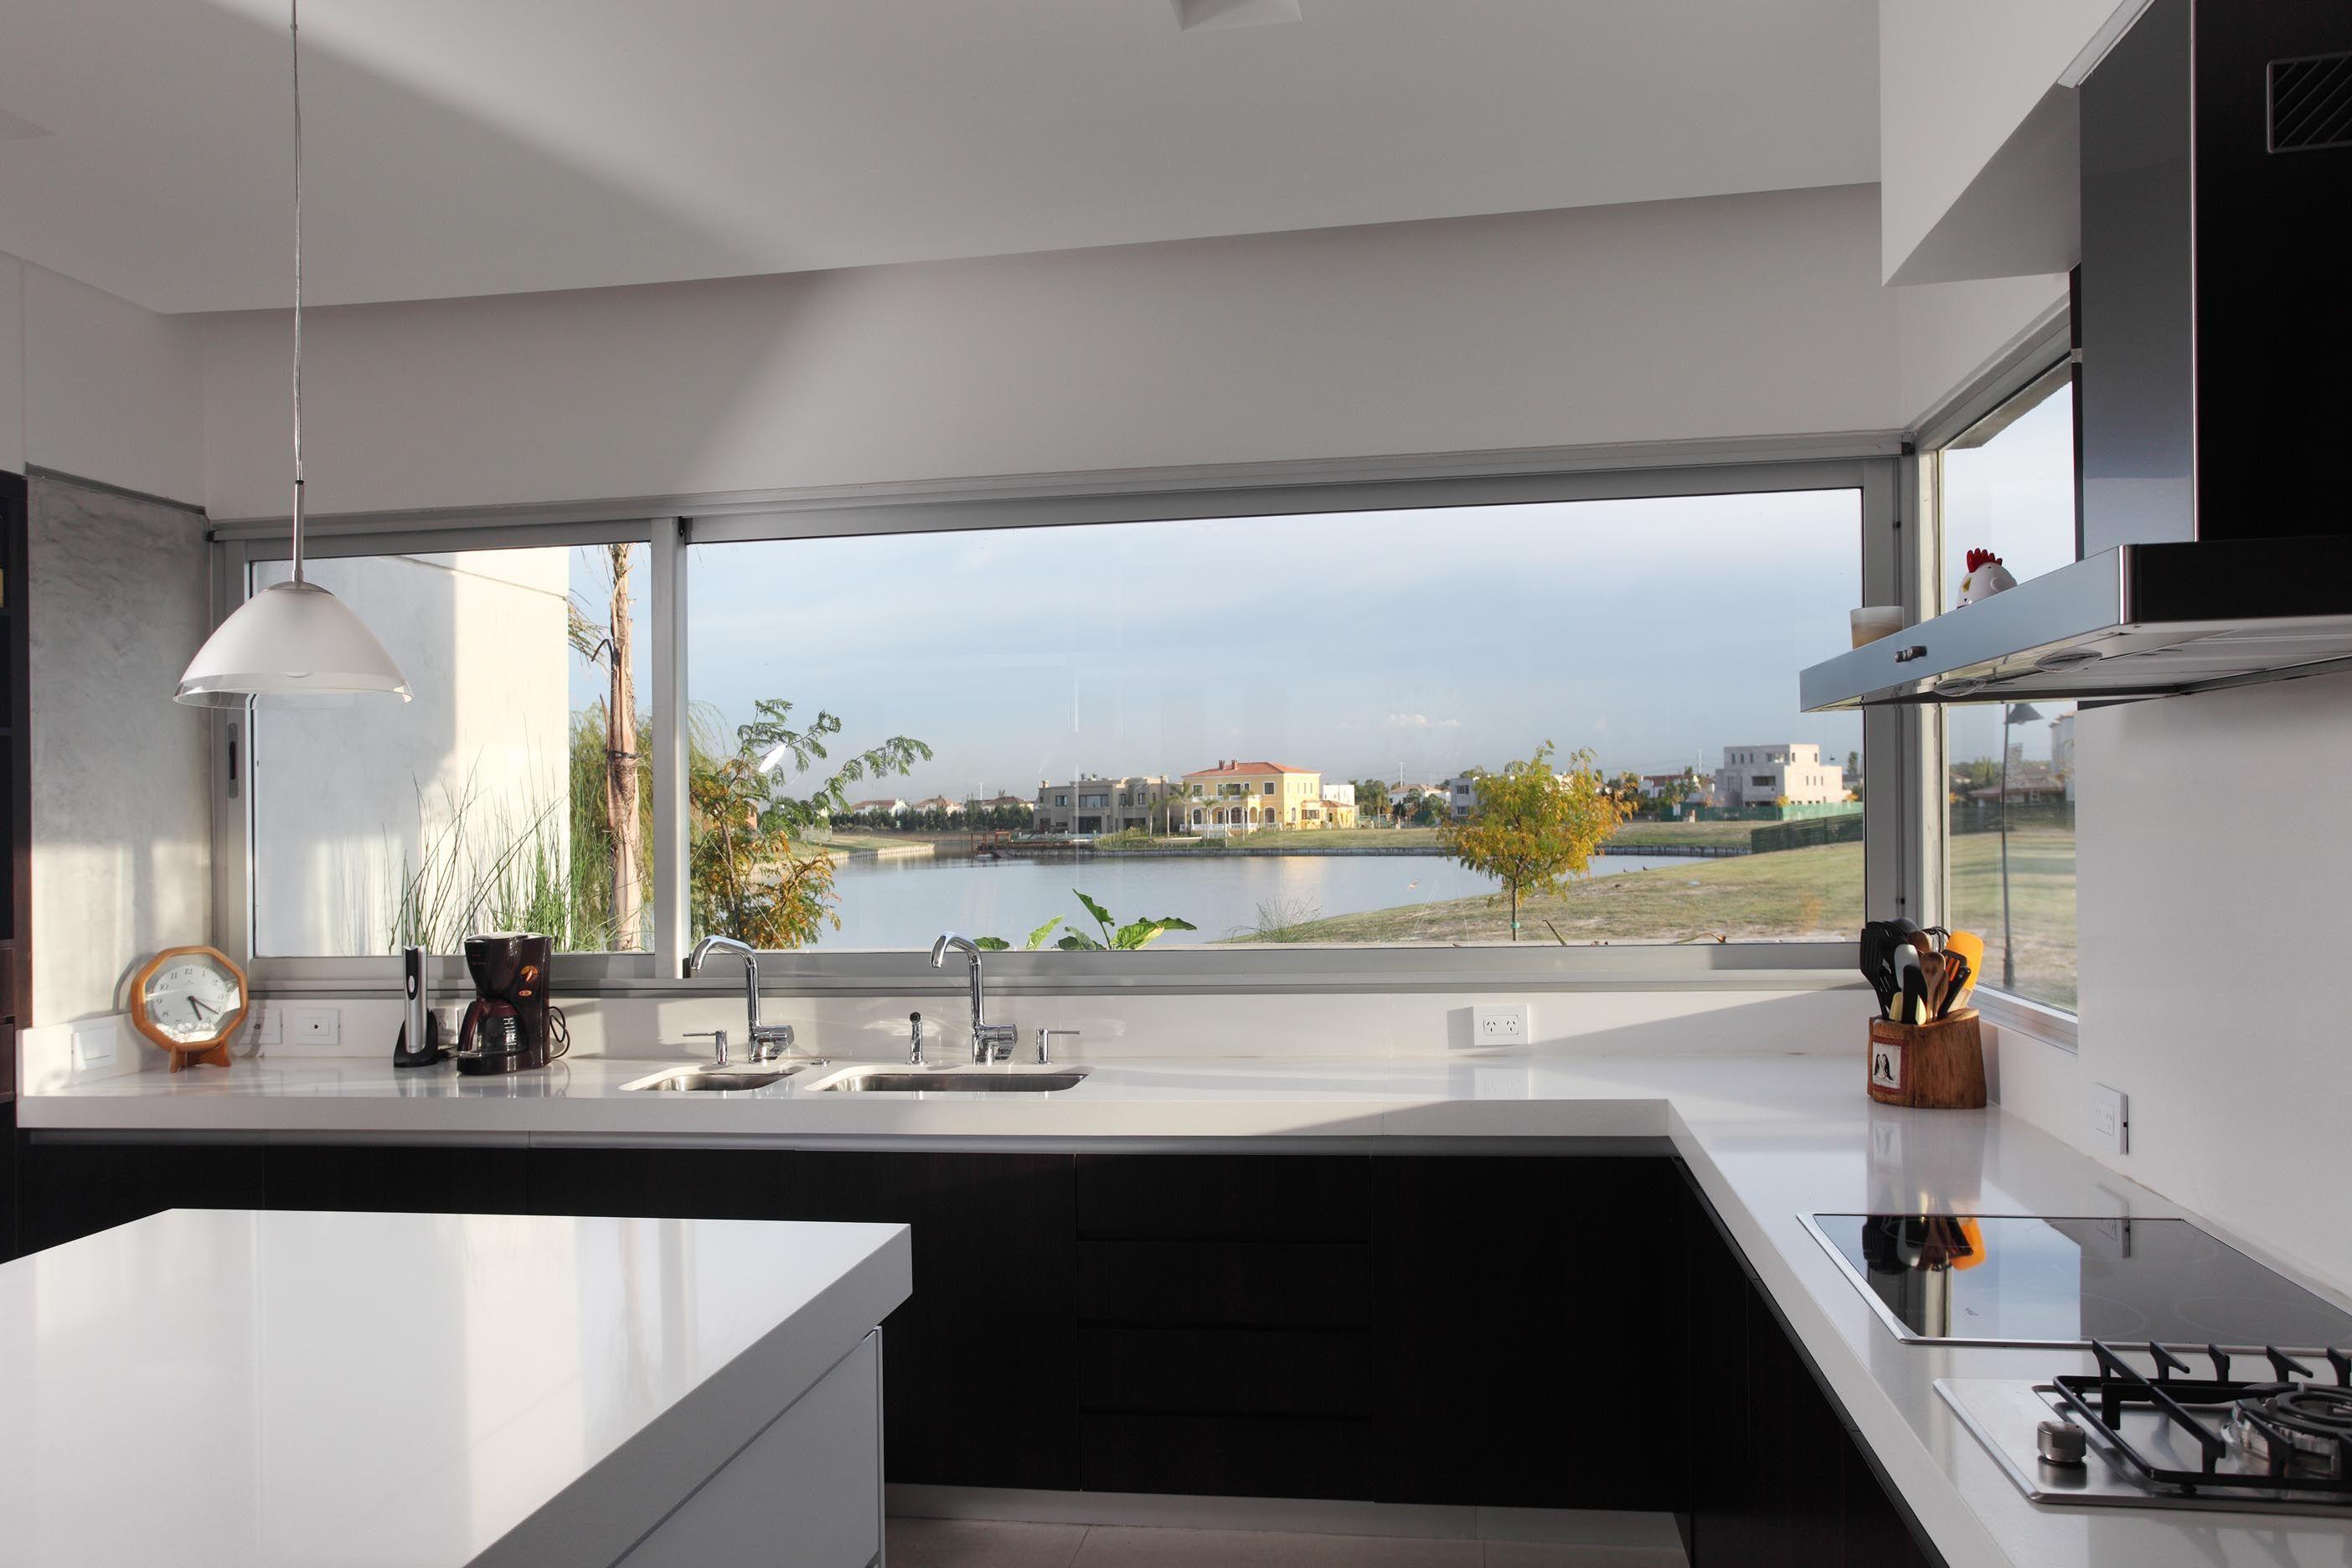 Black And White House Interior Design Decosee Com Minimalist Kitchen Interiors Minimalist Home Decor Minimalist Decor